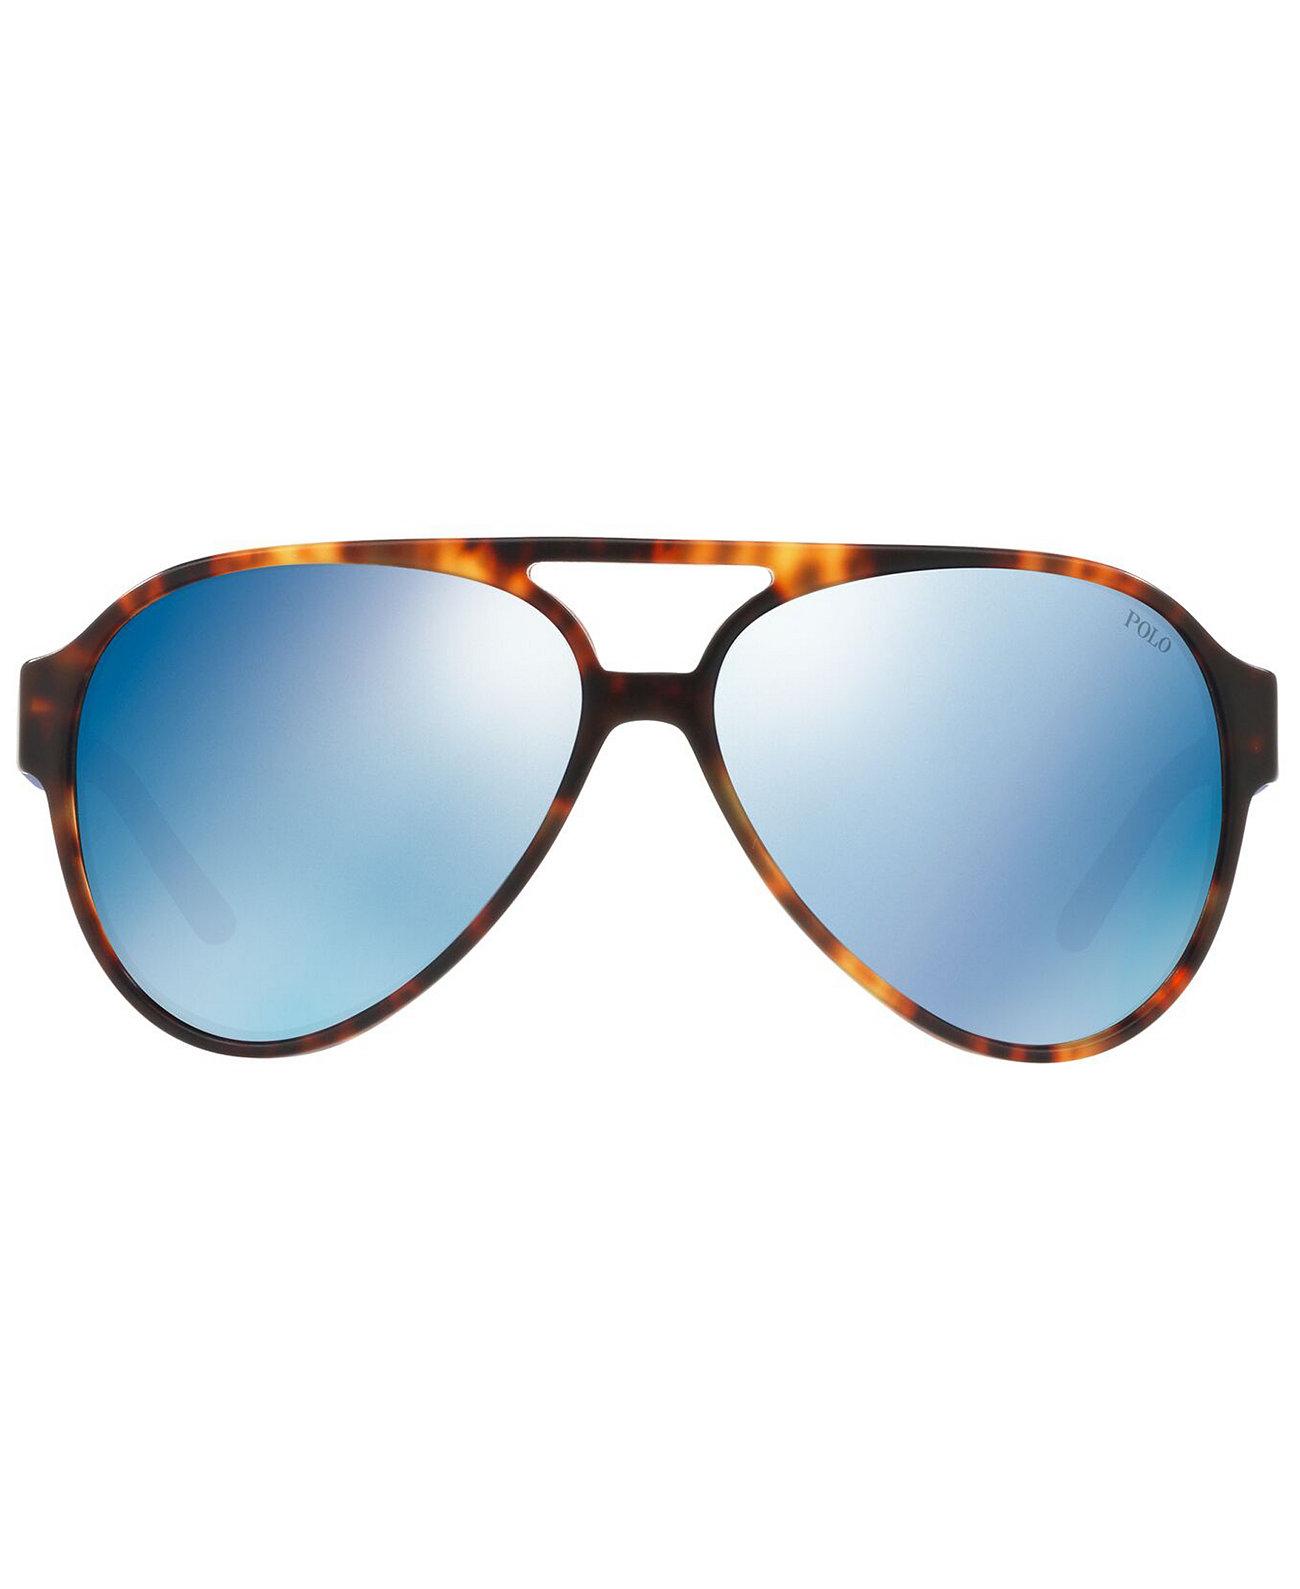 Солнцезащитные очки, PH4130 61 Ralph Lauren